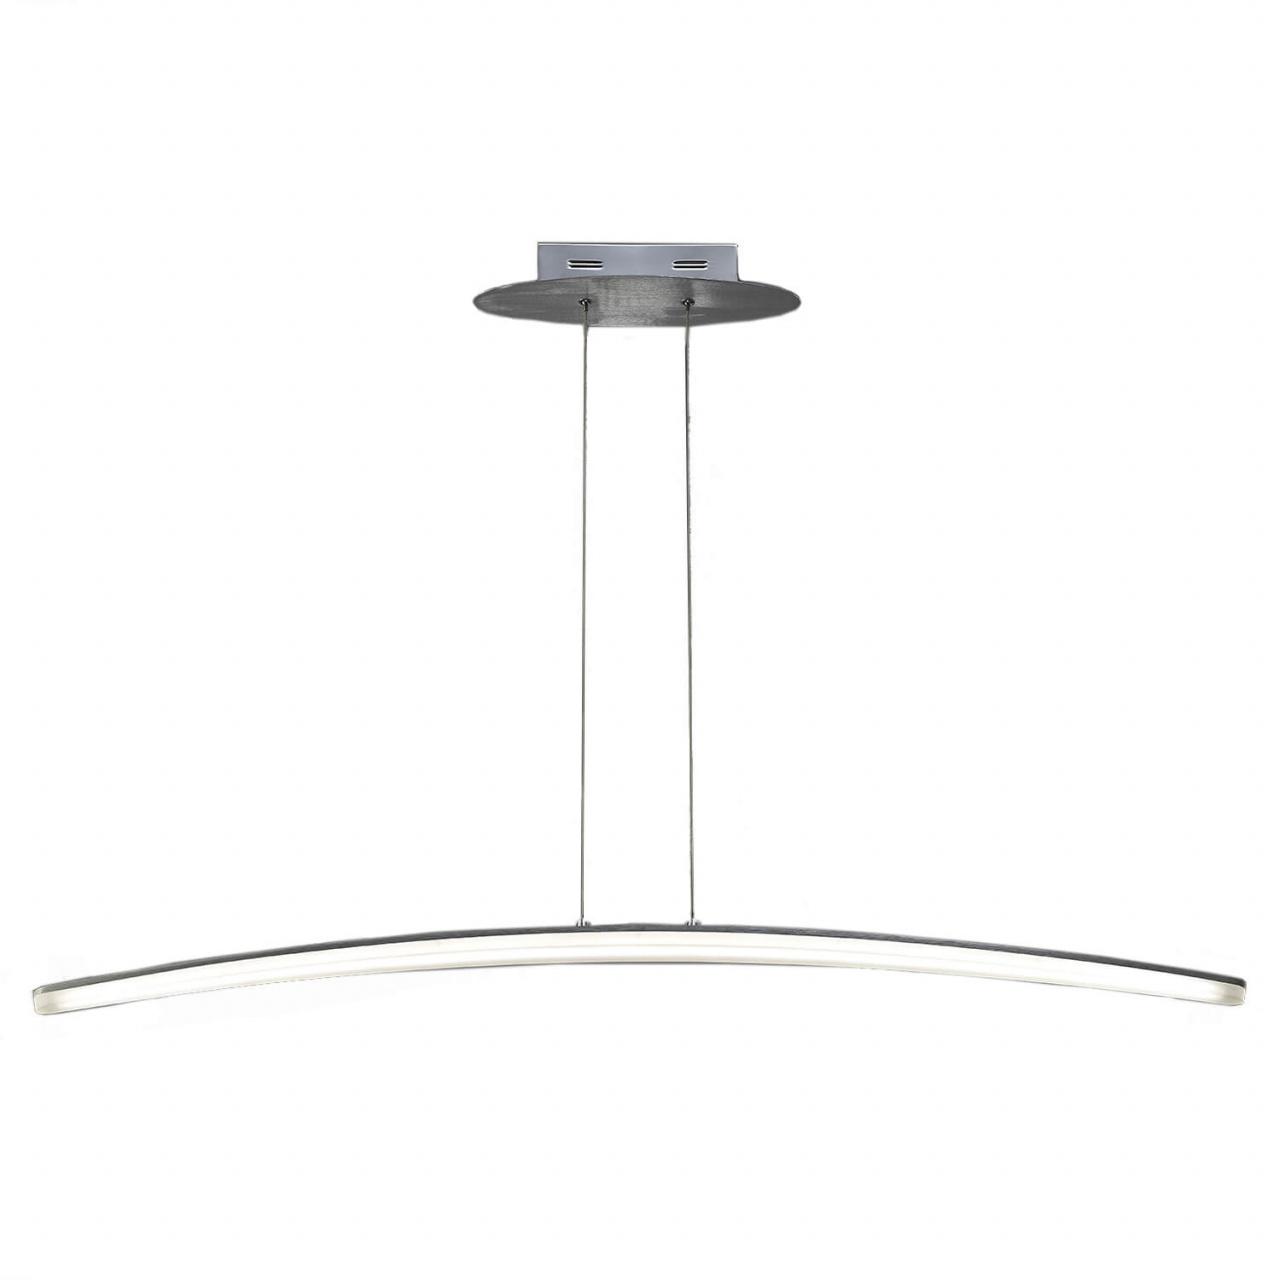 Подвесной светодиодный светильник Mantra Hemisferic 4080 стоимость